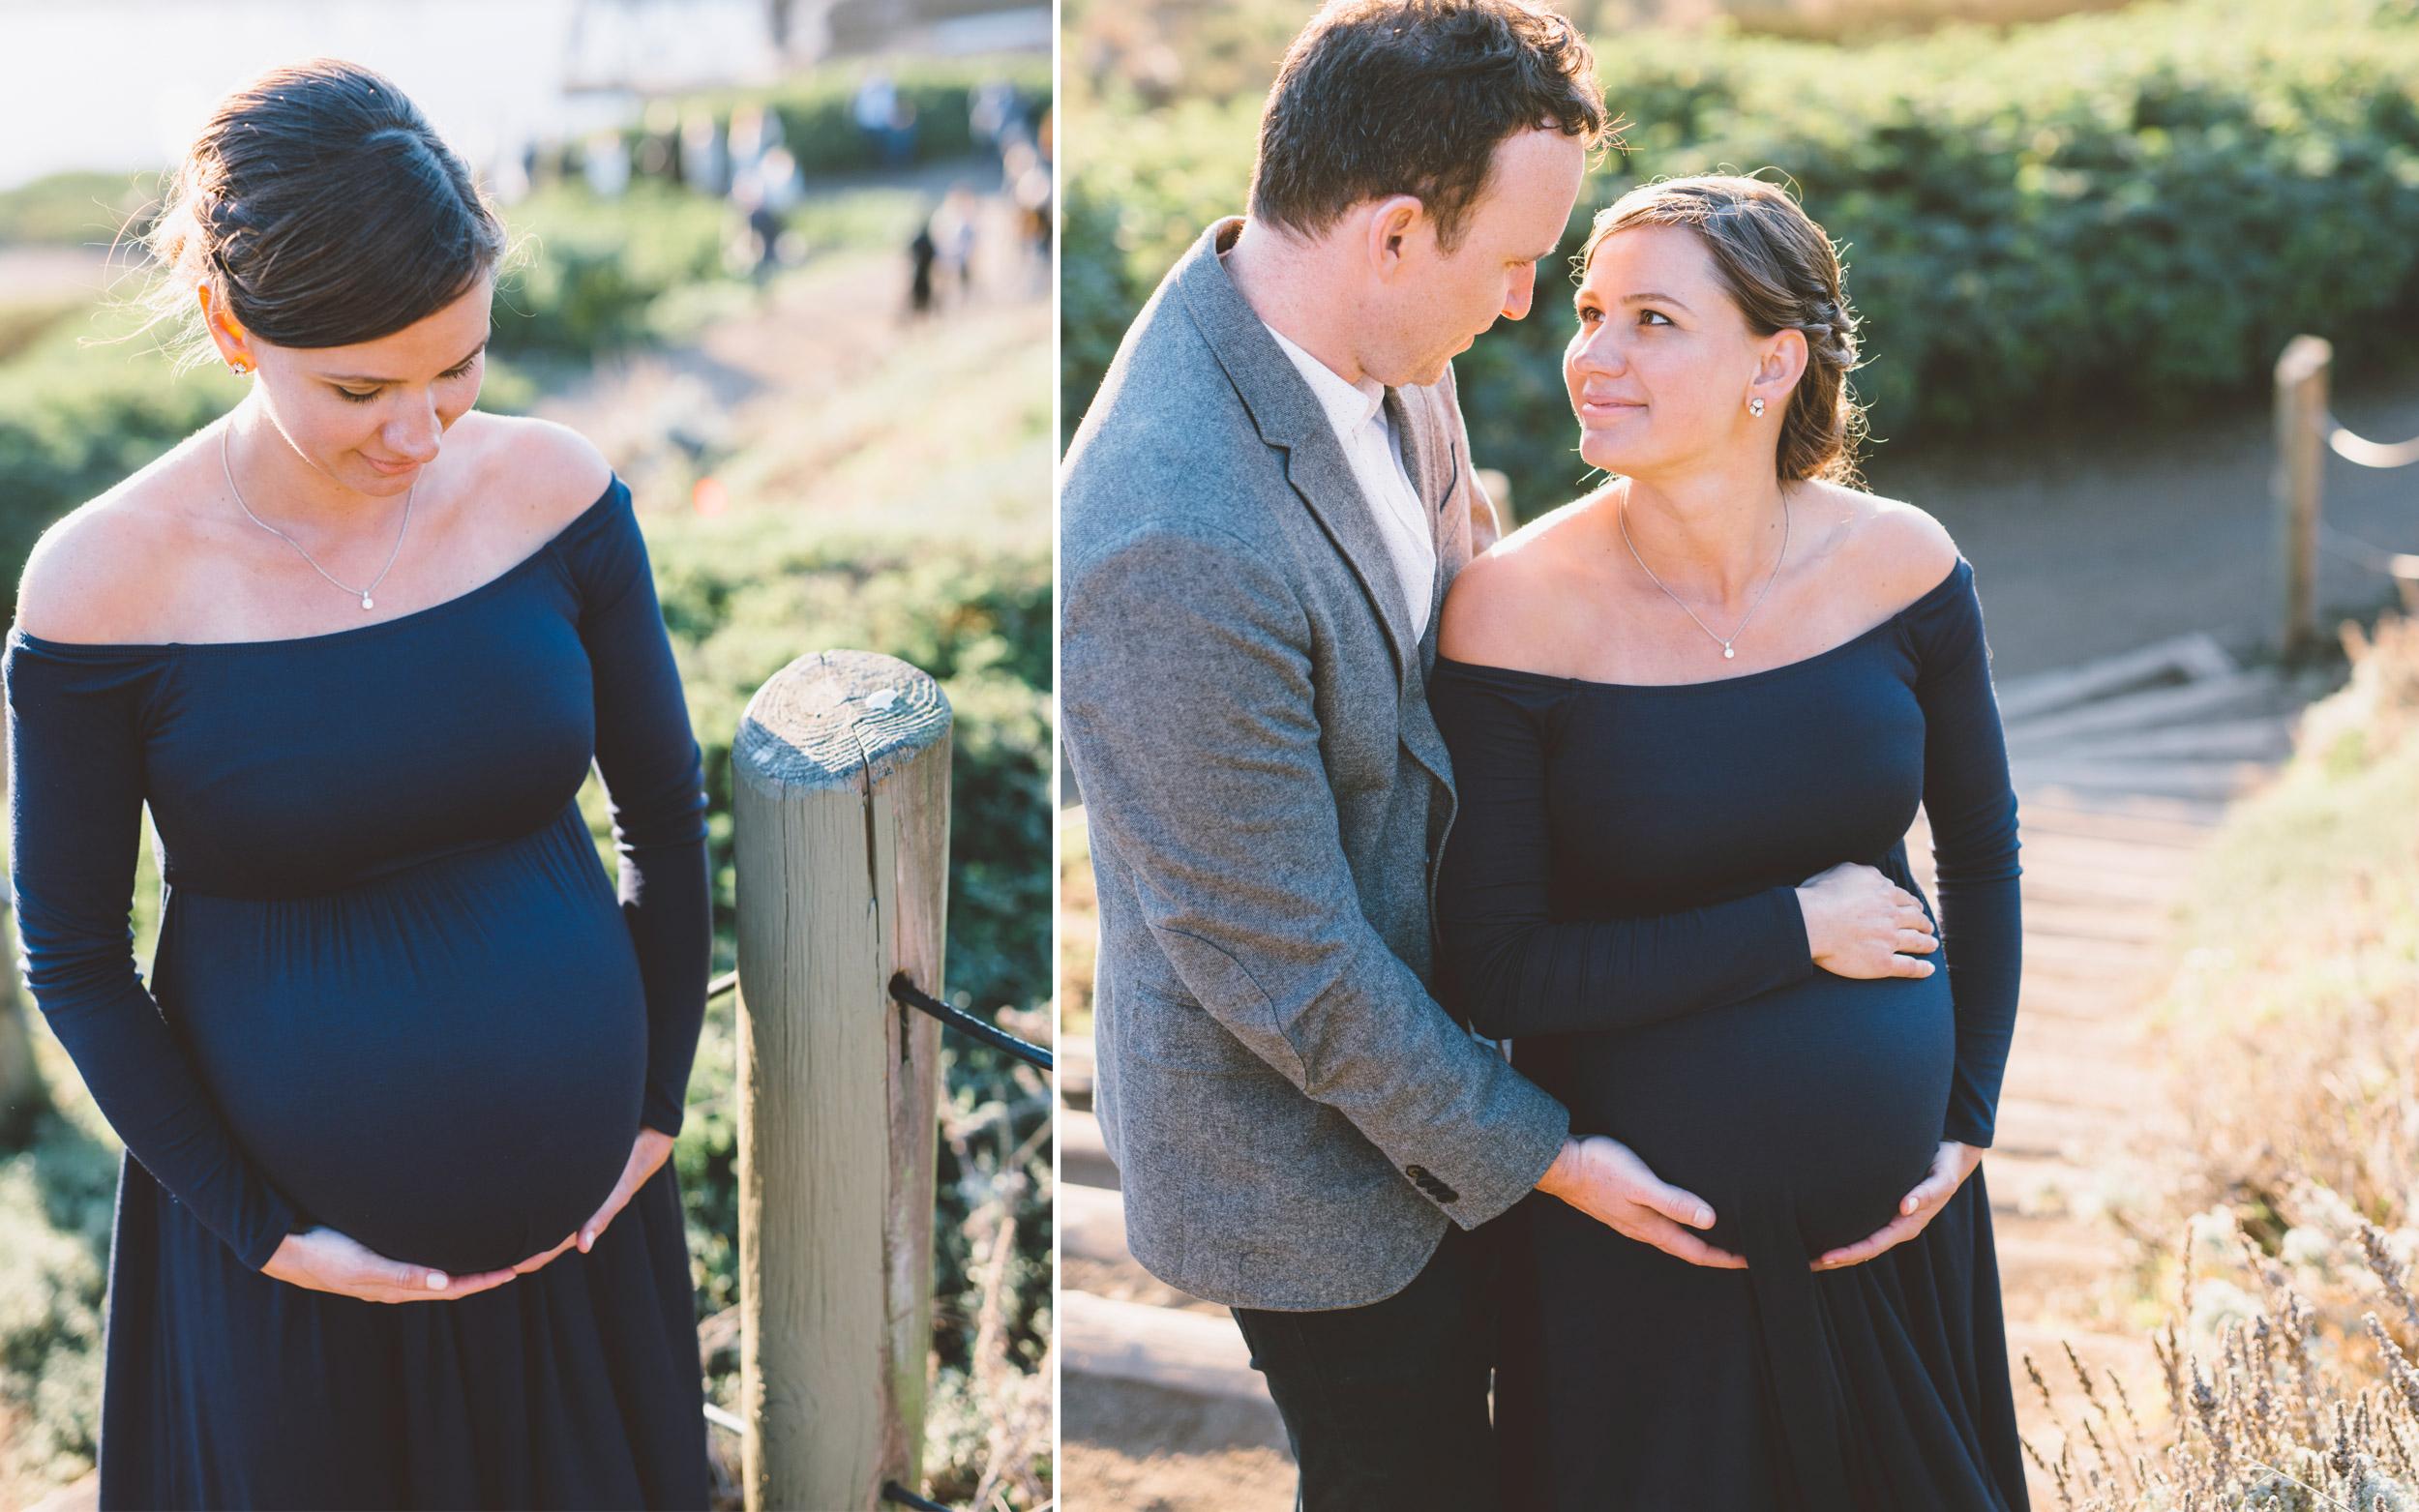 lands-end-maternity-session-5.jpg